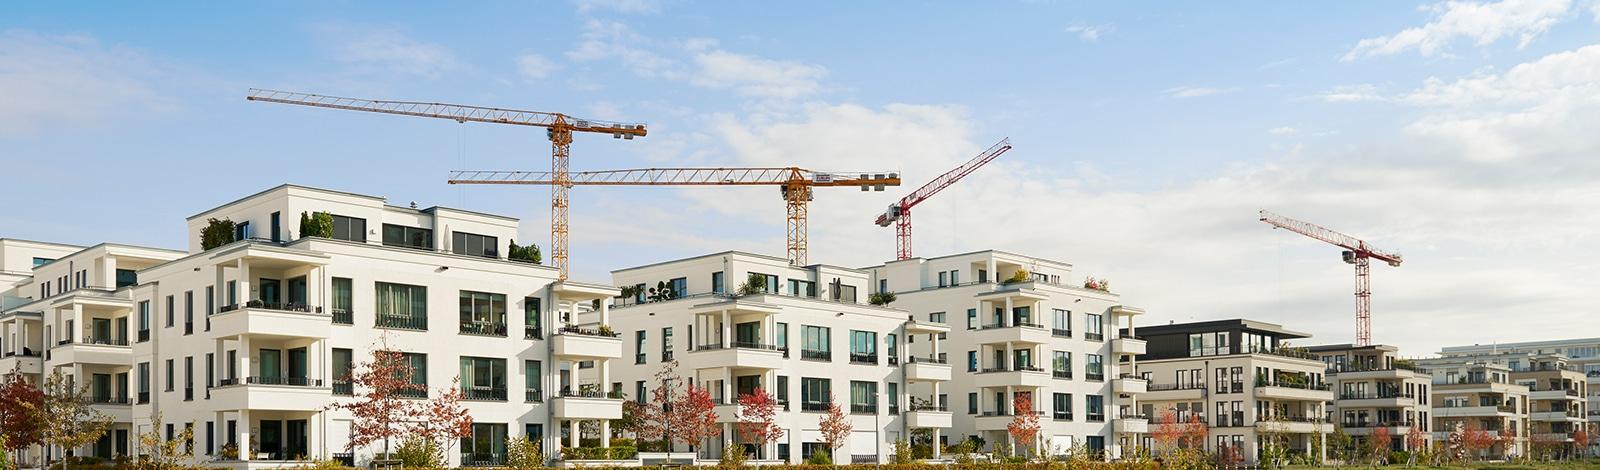 Planung Wohnungsbau